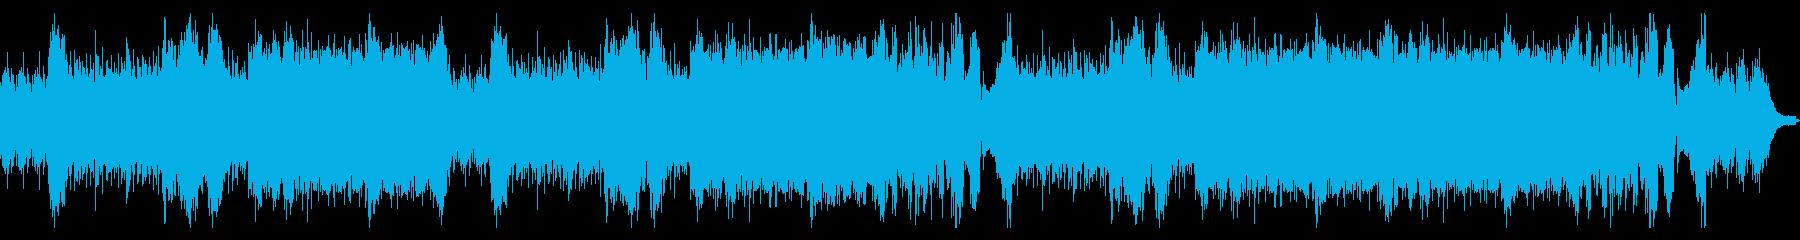 ピアノソロによる戦闘用BGMの再生済みの波形